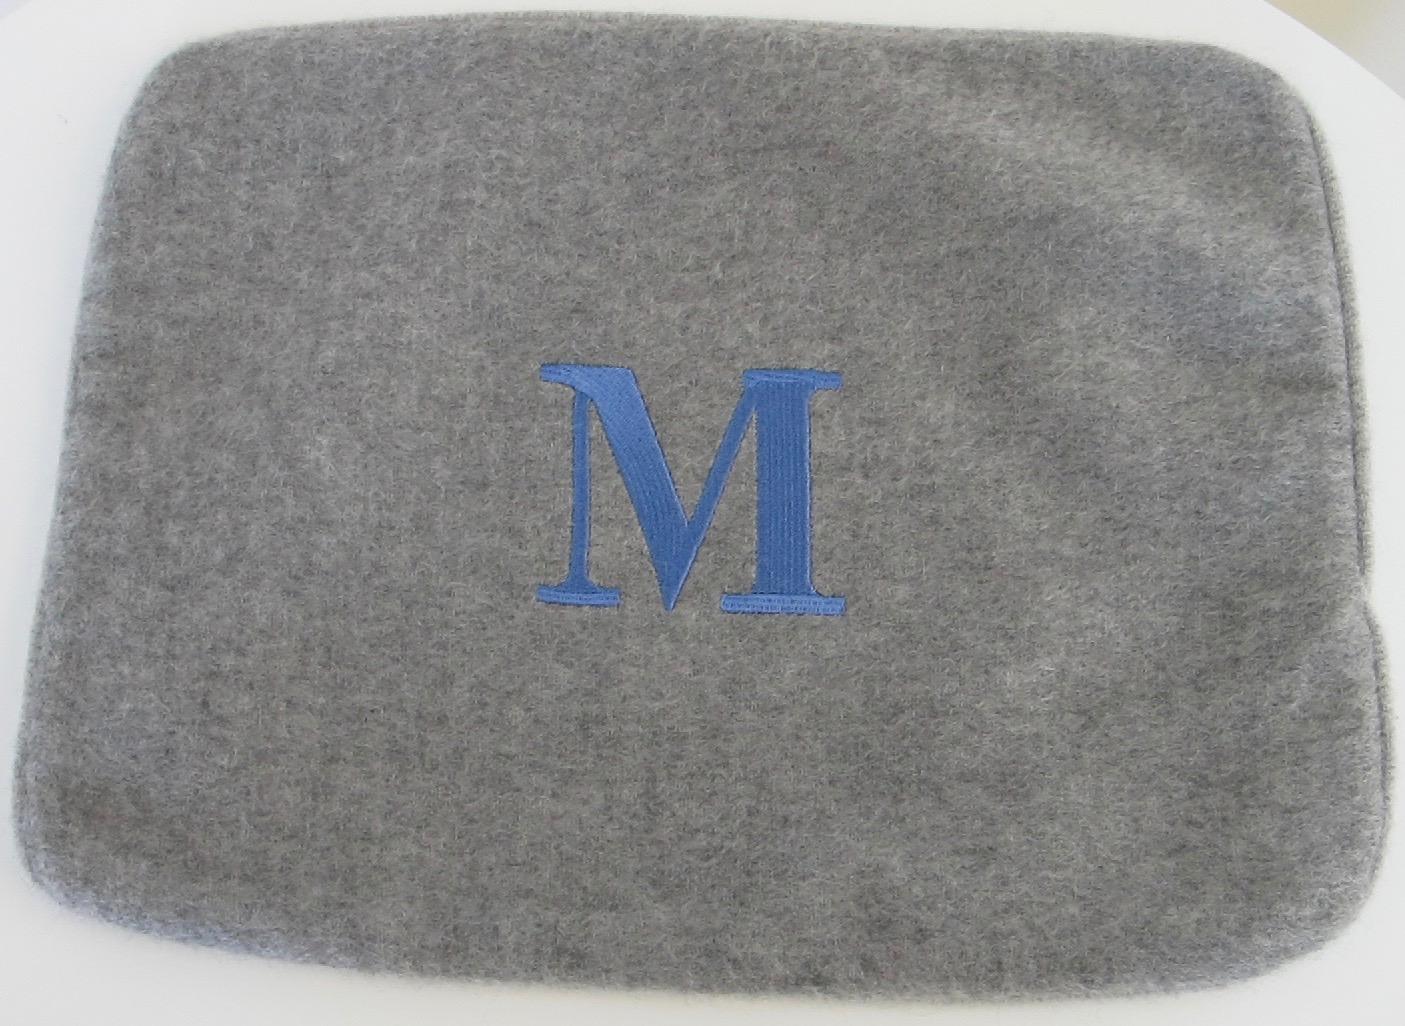 Masserano Cashmere 16 X 20 Pillow Cover M Monogram Dolce De Mare